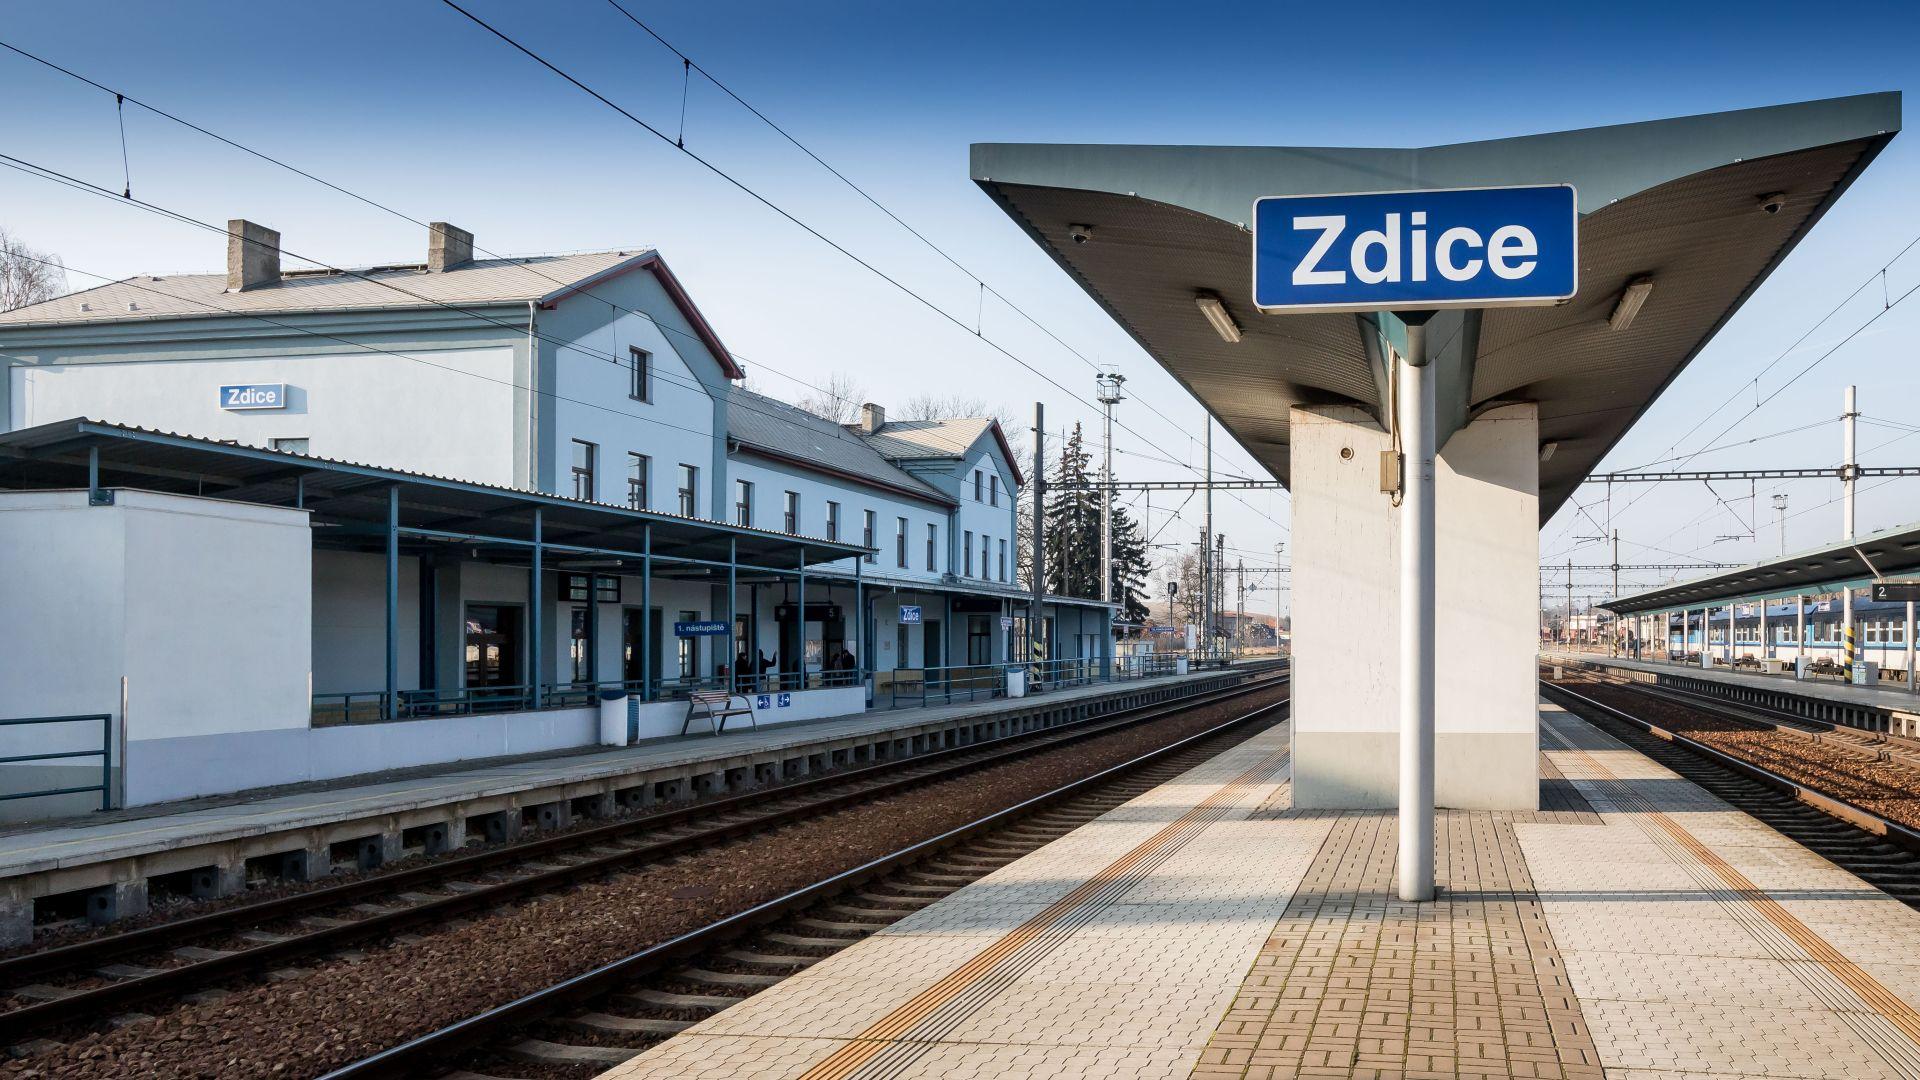 Nádraží Zdice. Autor: Správa železniční dopravní cesty